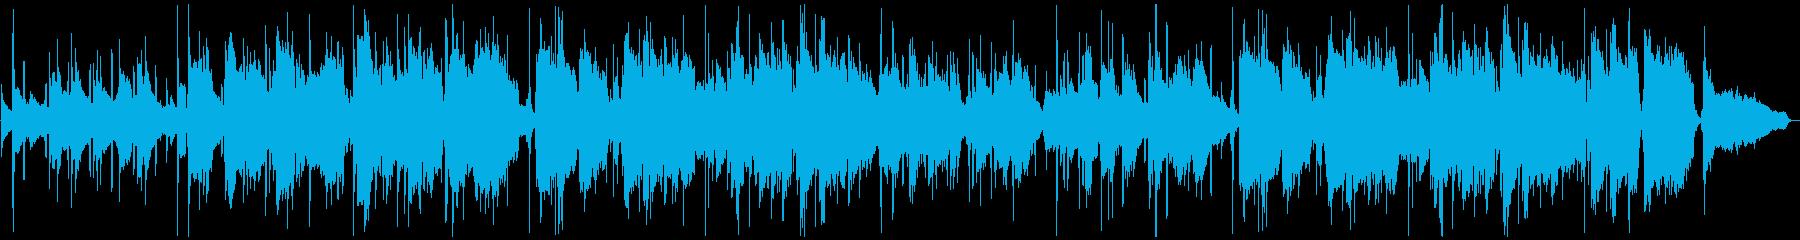 優しくも切ないサックスのジャズバラードの再生済みの波形